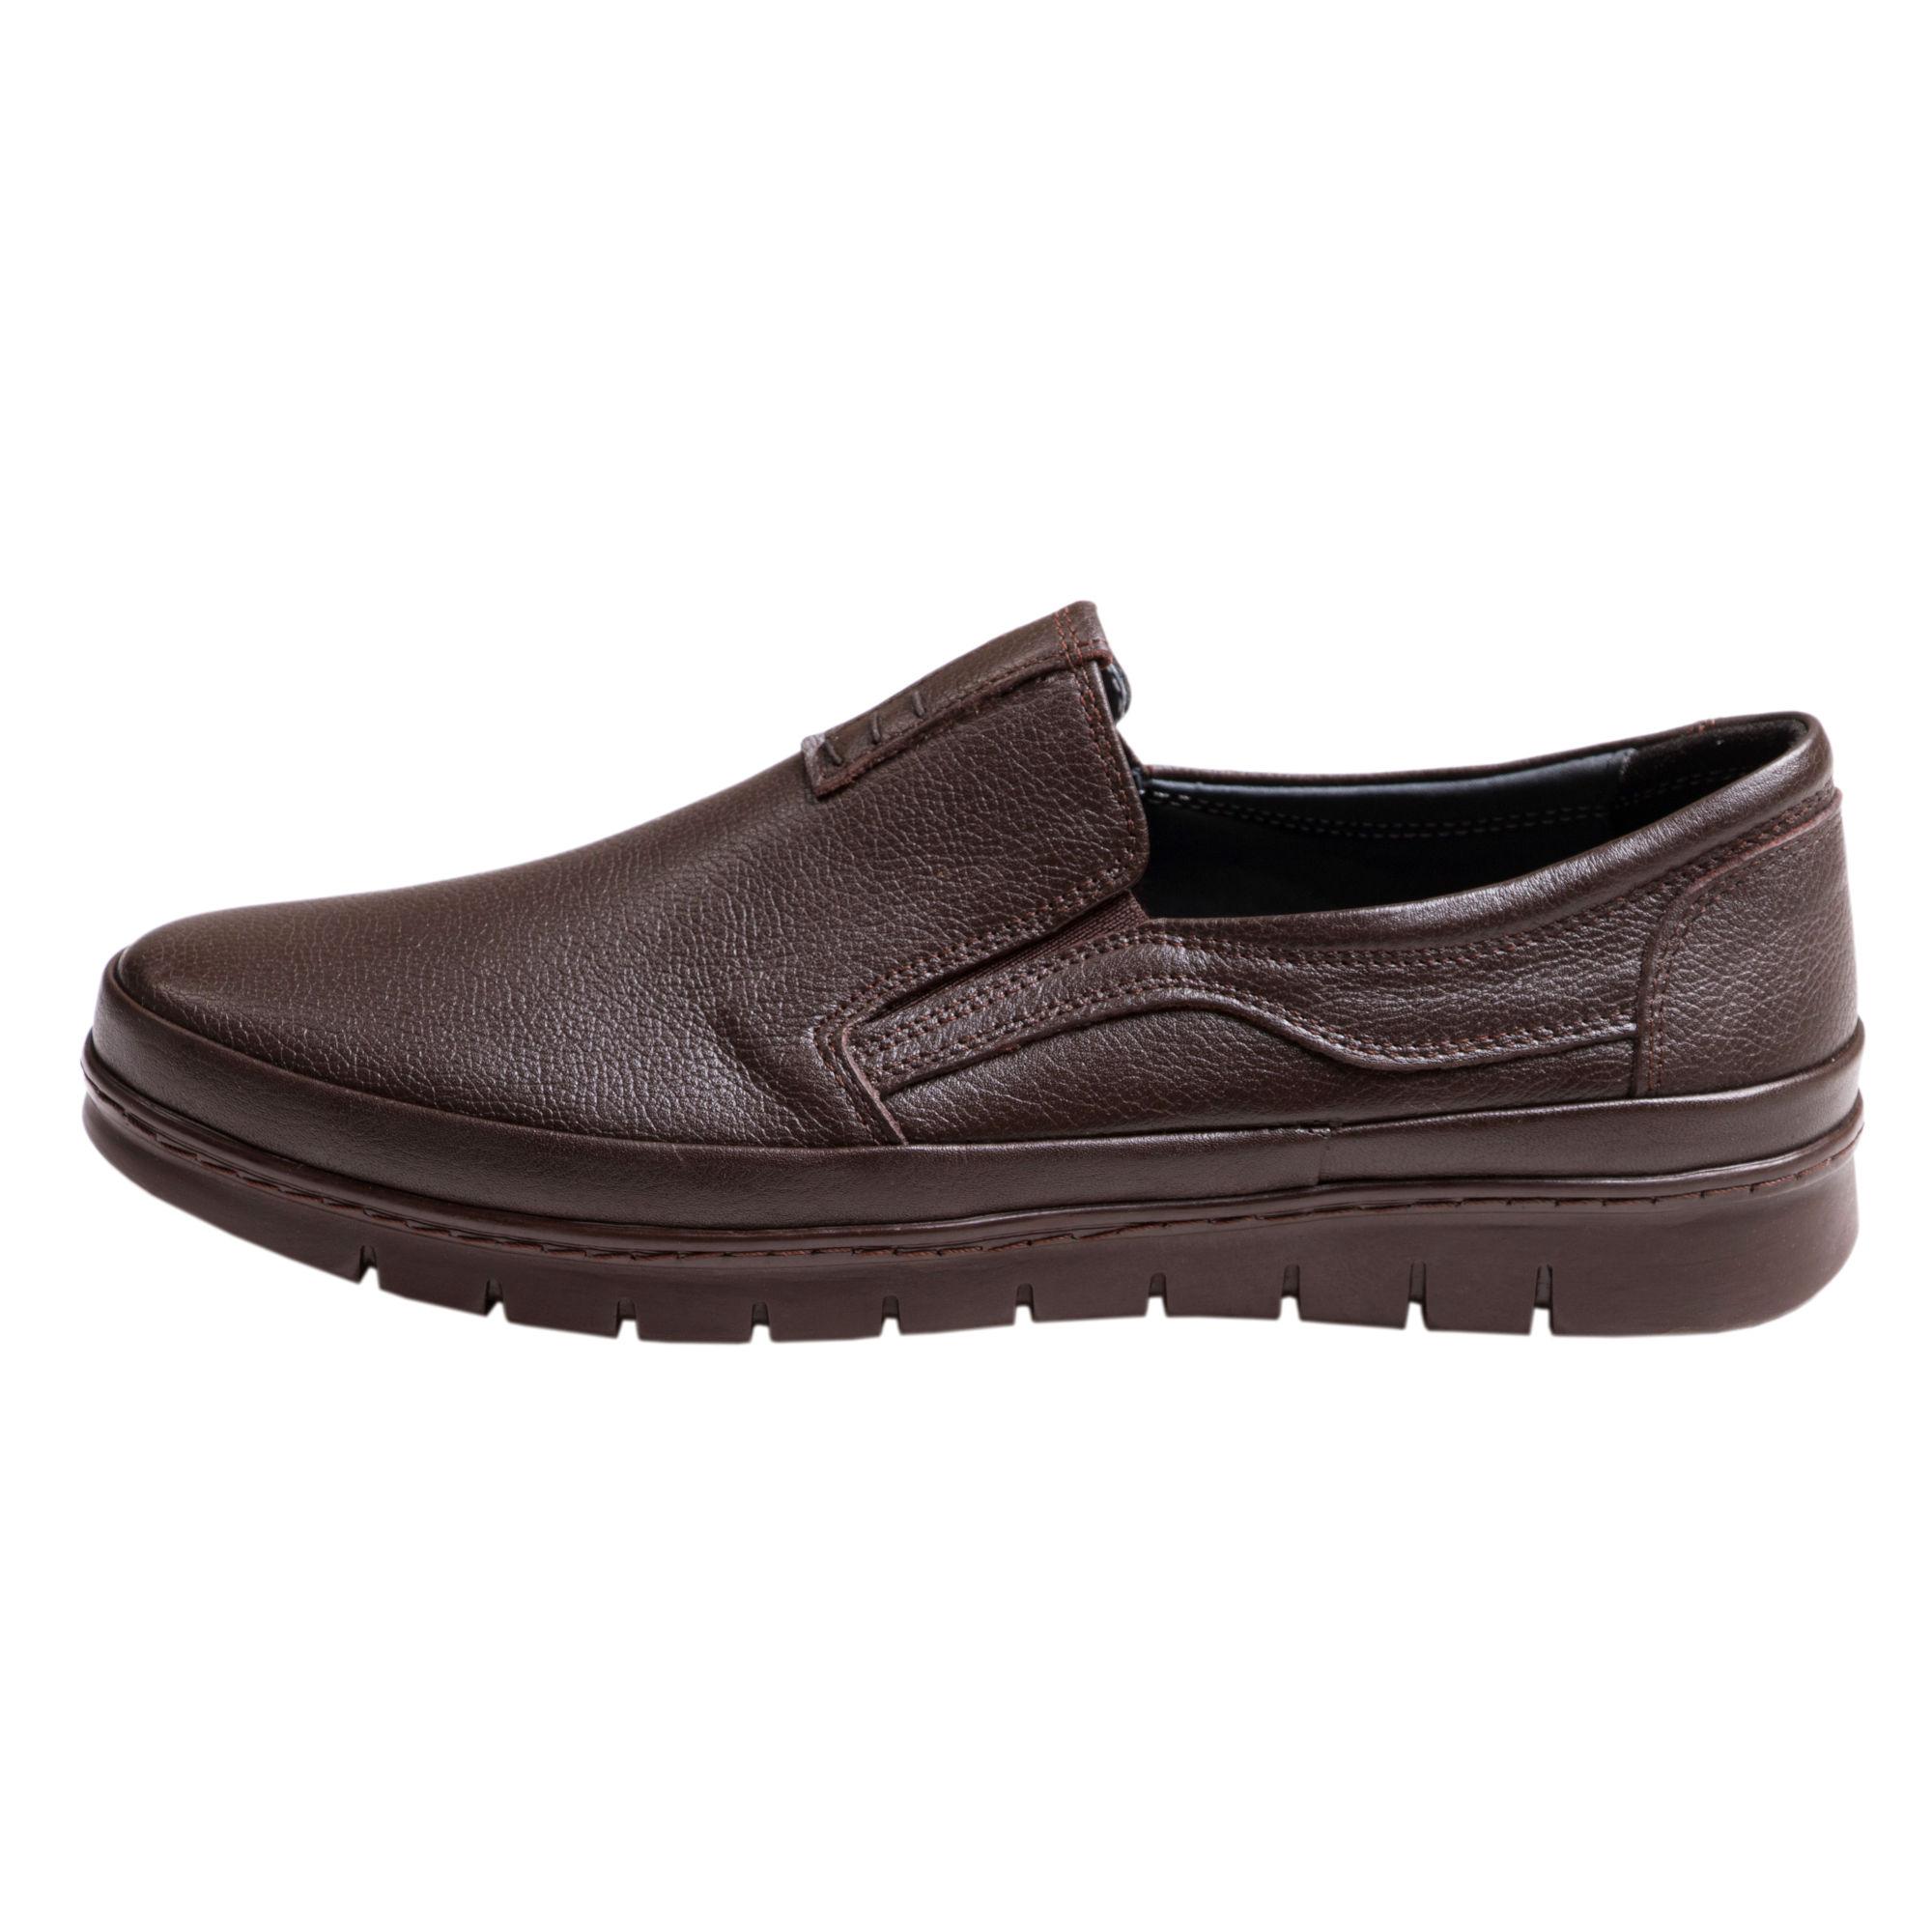 کفش مردانه سی سی مدل فورسه رنگ قهوهای